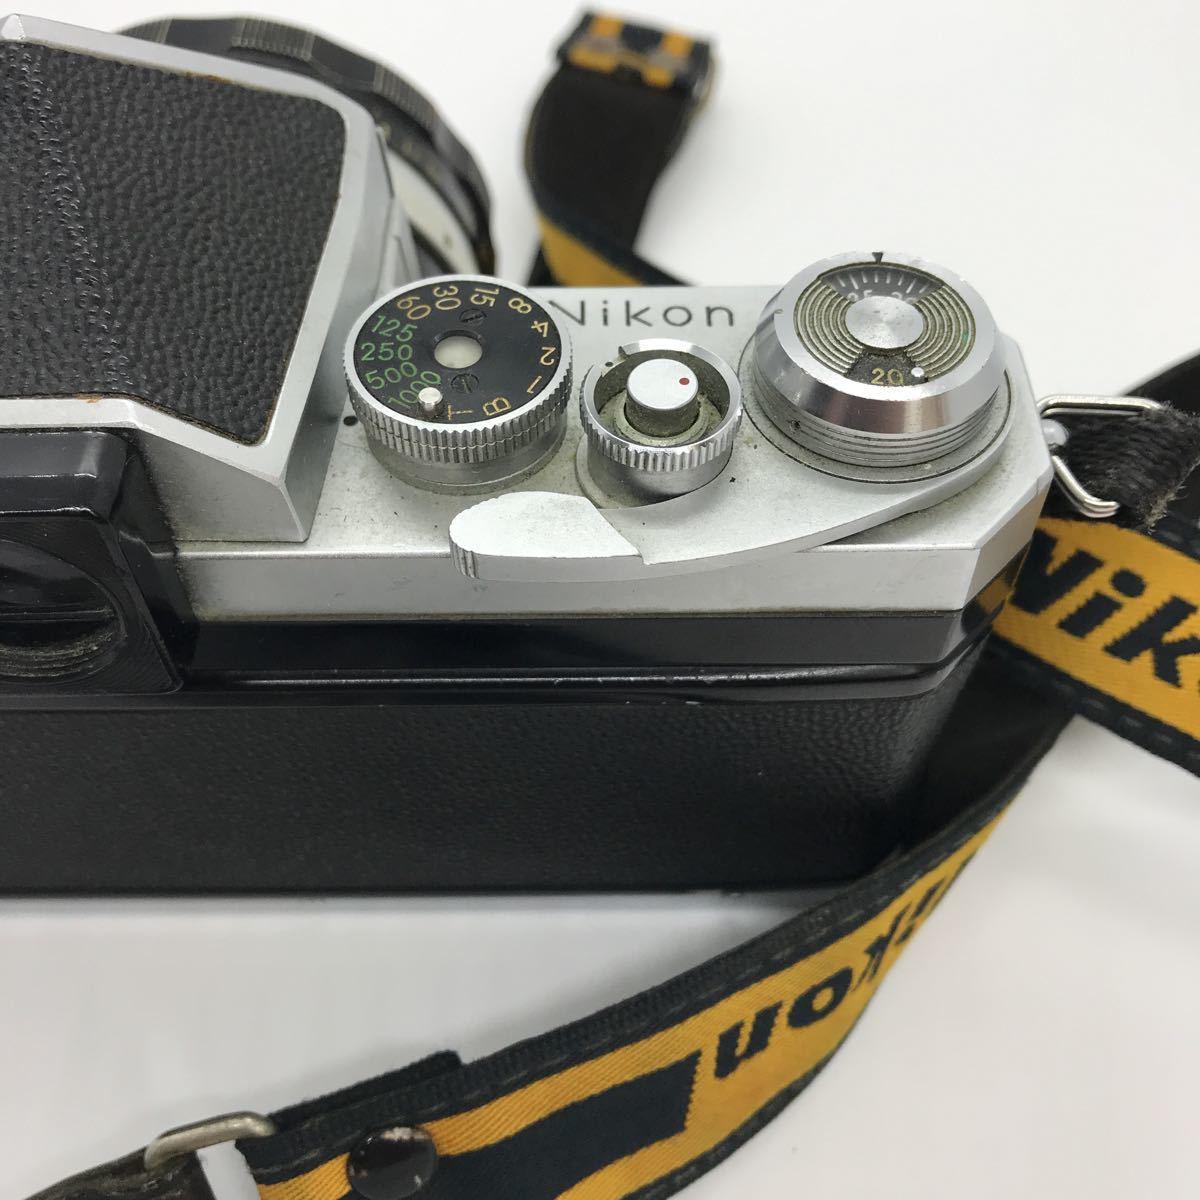 NIKON ニコン F 初期 アイレベル NIKKOR-S 1:1.4 50mm 一眼レフカメラ_画像5